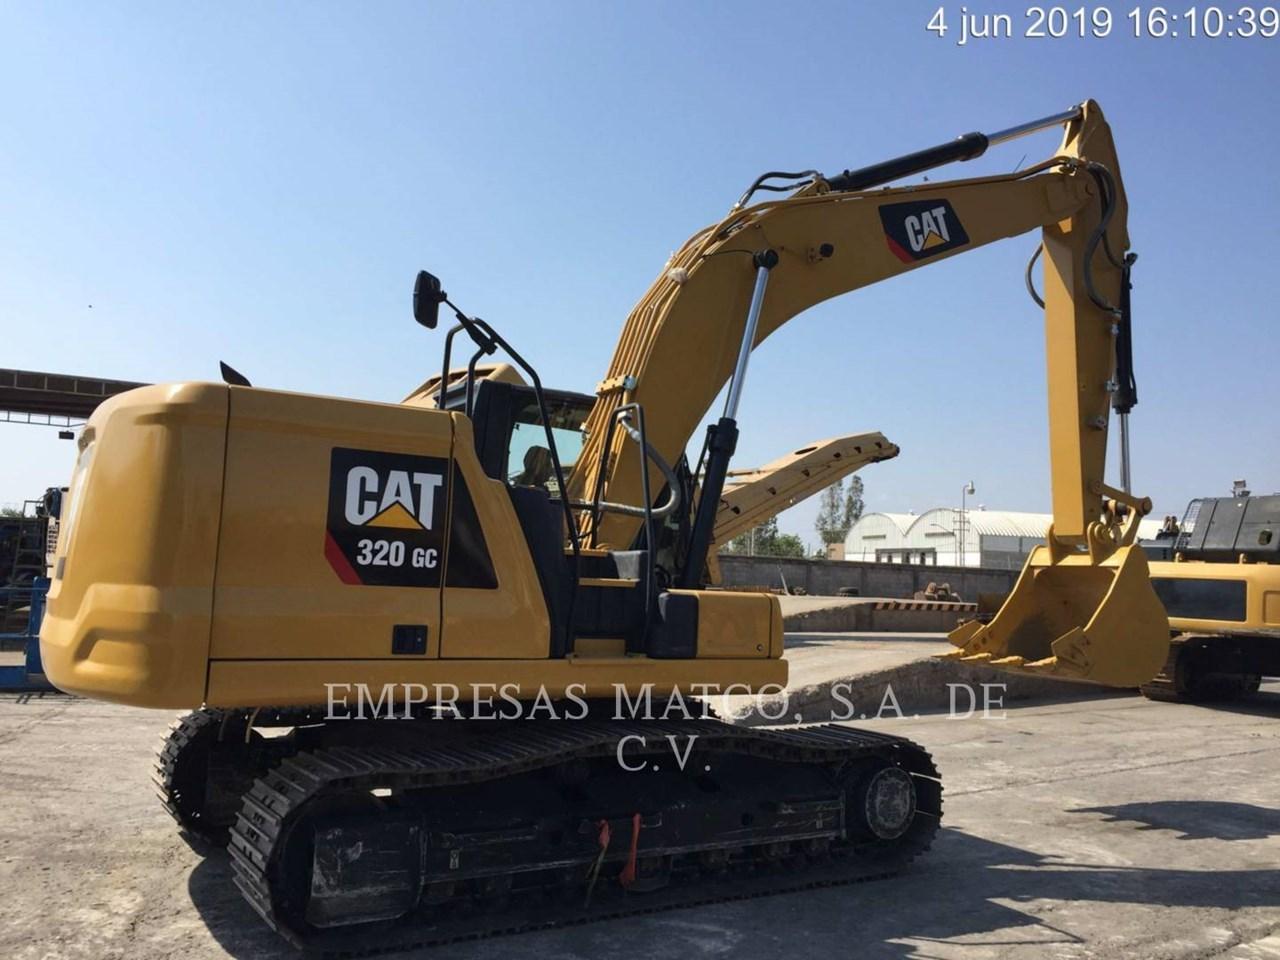 2018 Caterpillar 320 GC Image 1